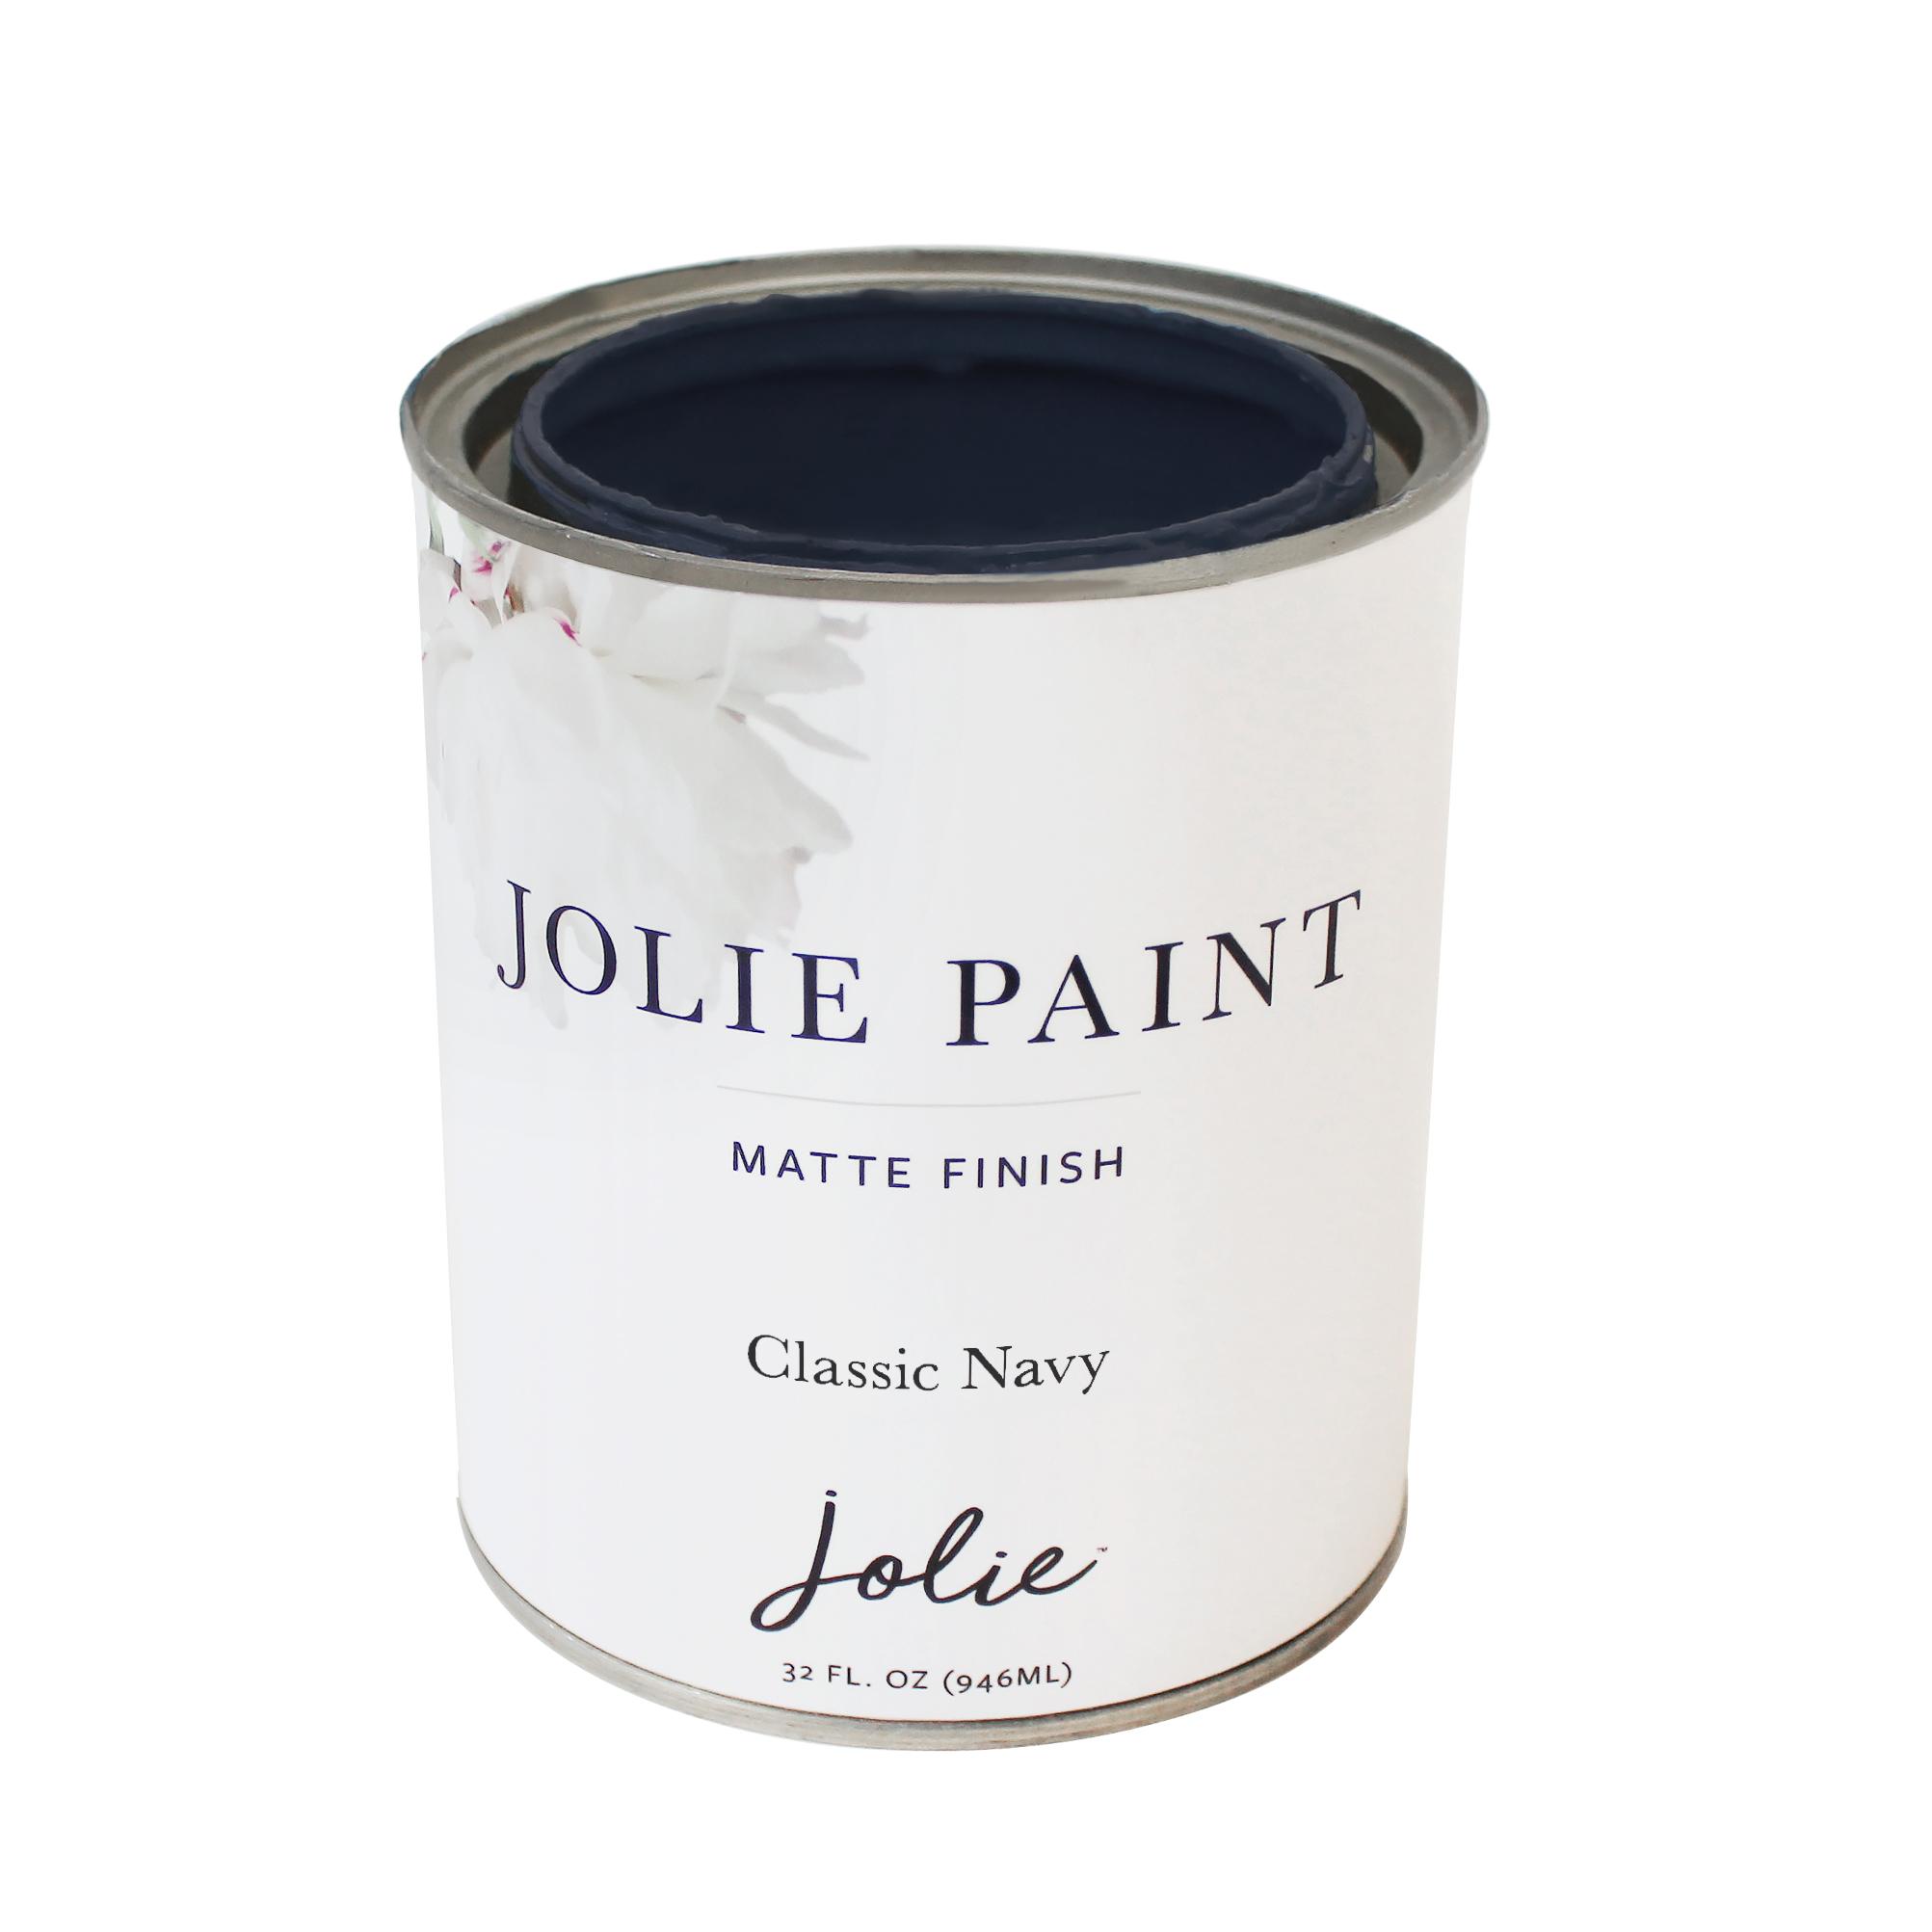 Classic Navy - Jolie Paint